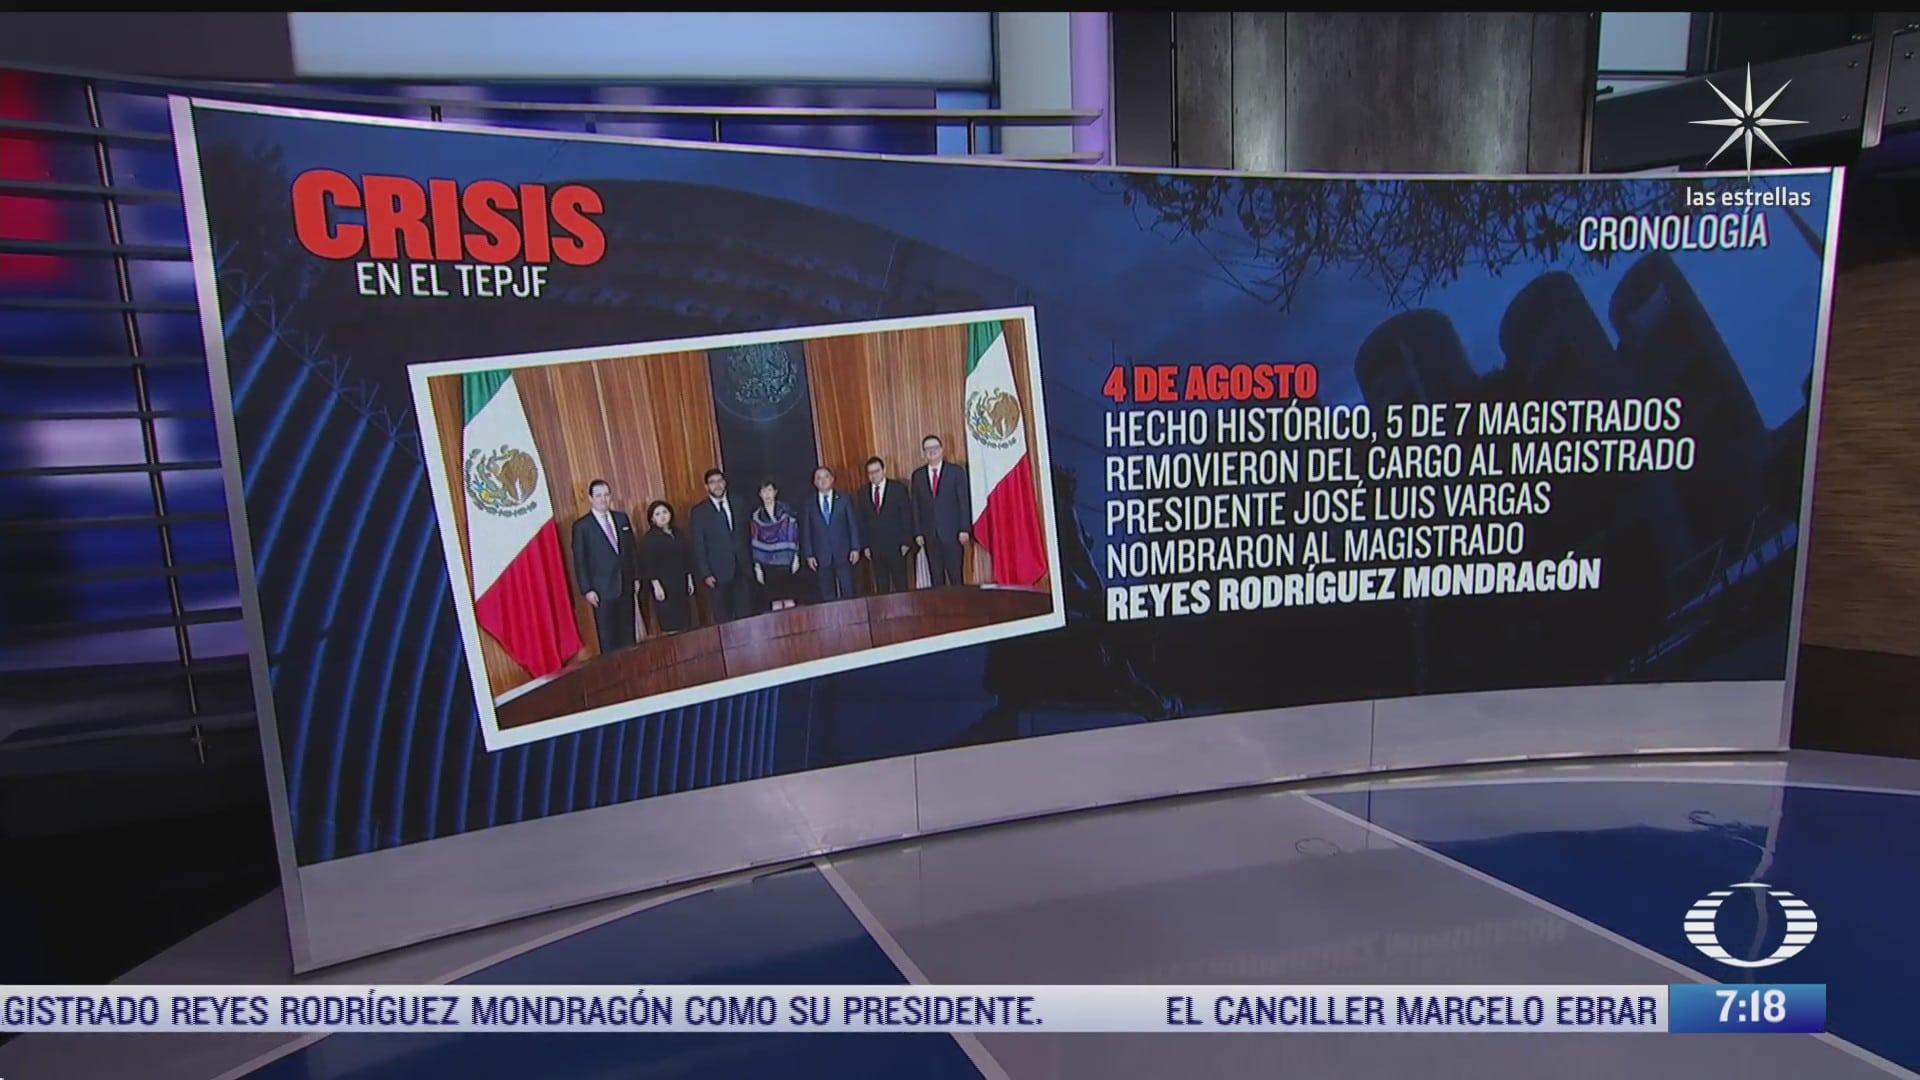 cronologia de la crisis en el tepjf